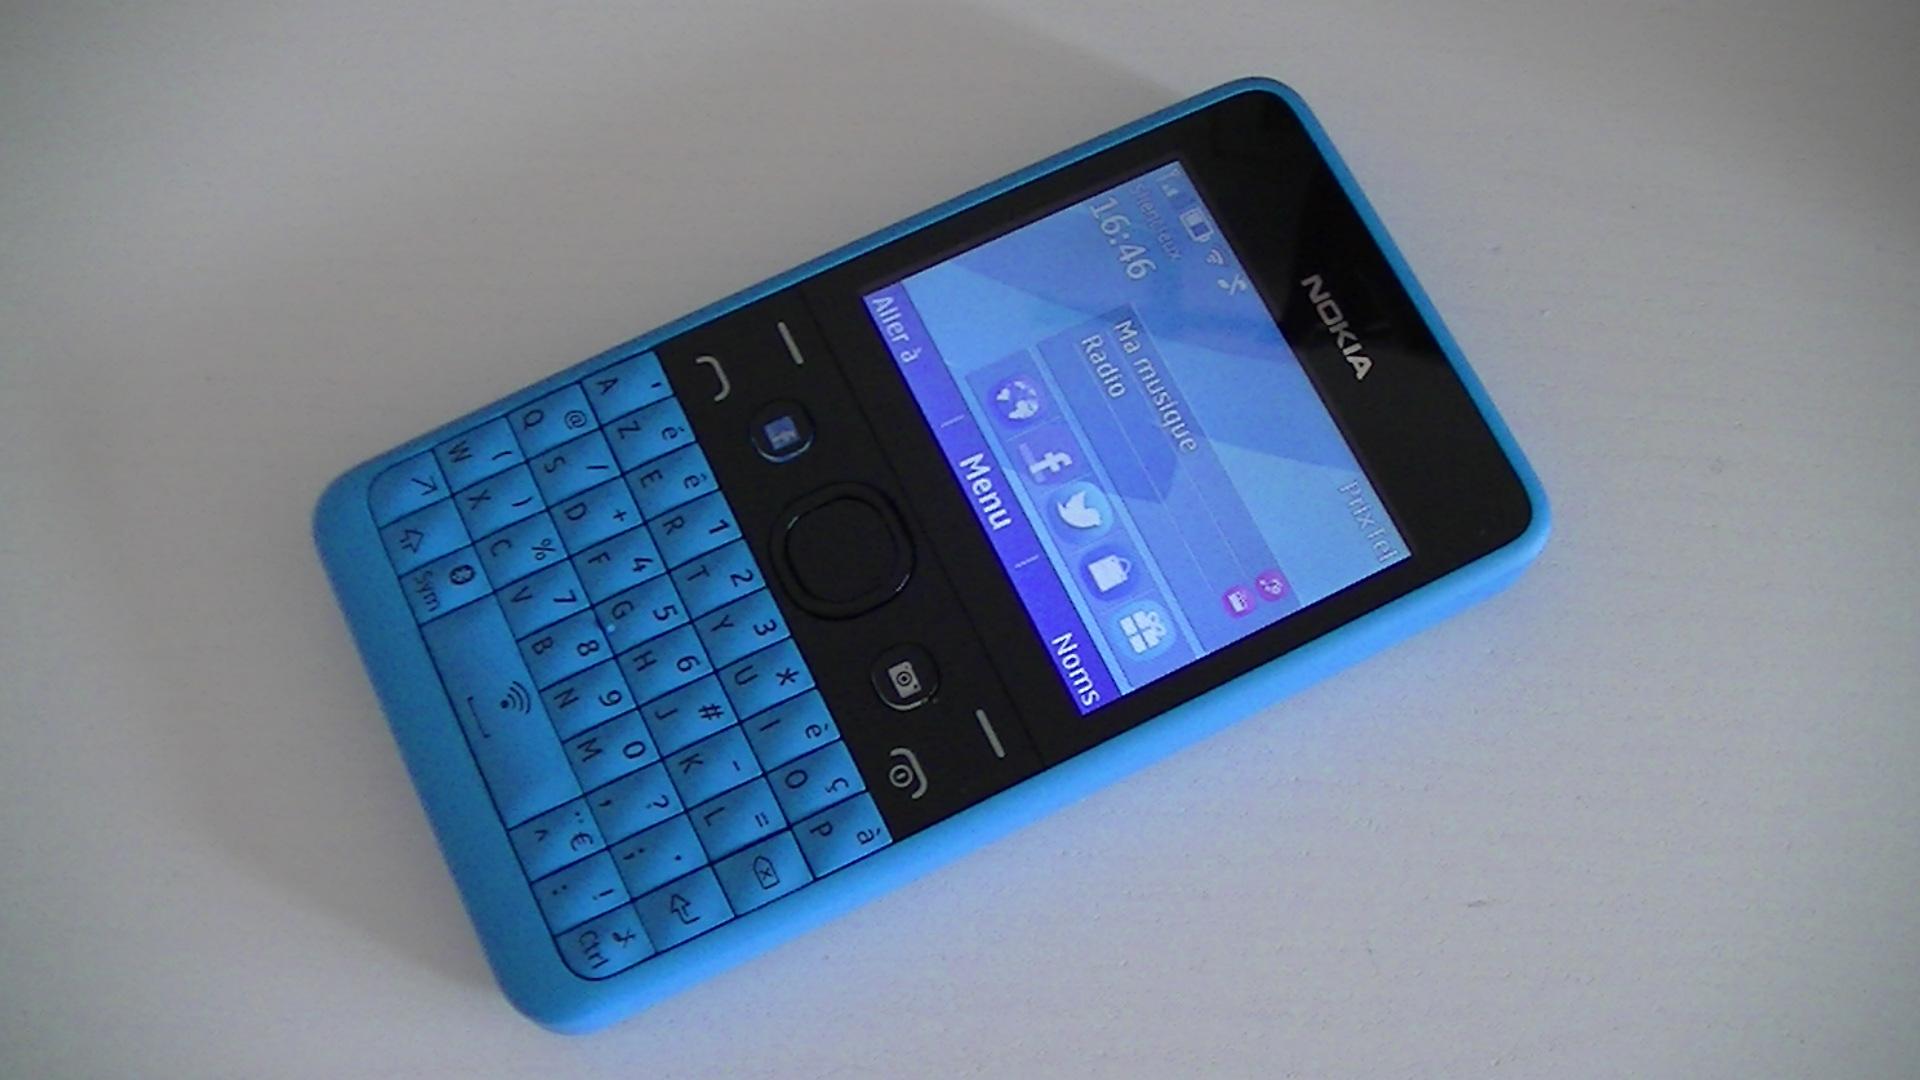 Test du Nokia Asha 210 : pour les nostalgiques du clavier physique